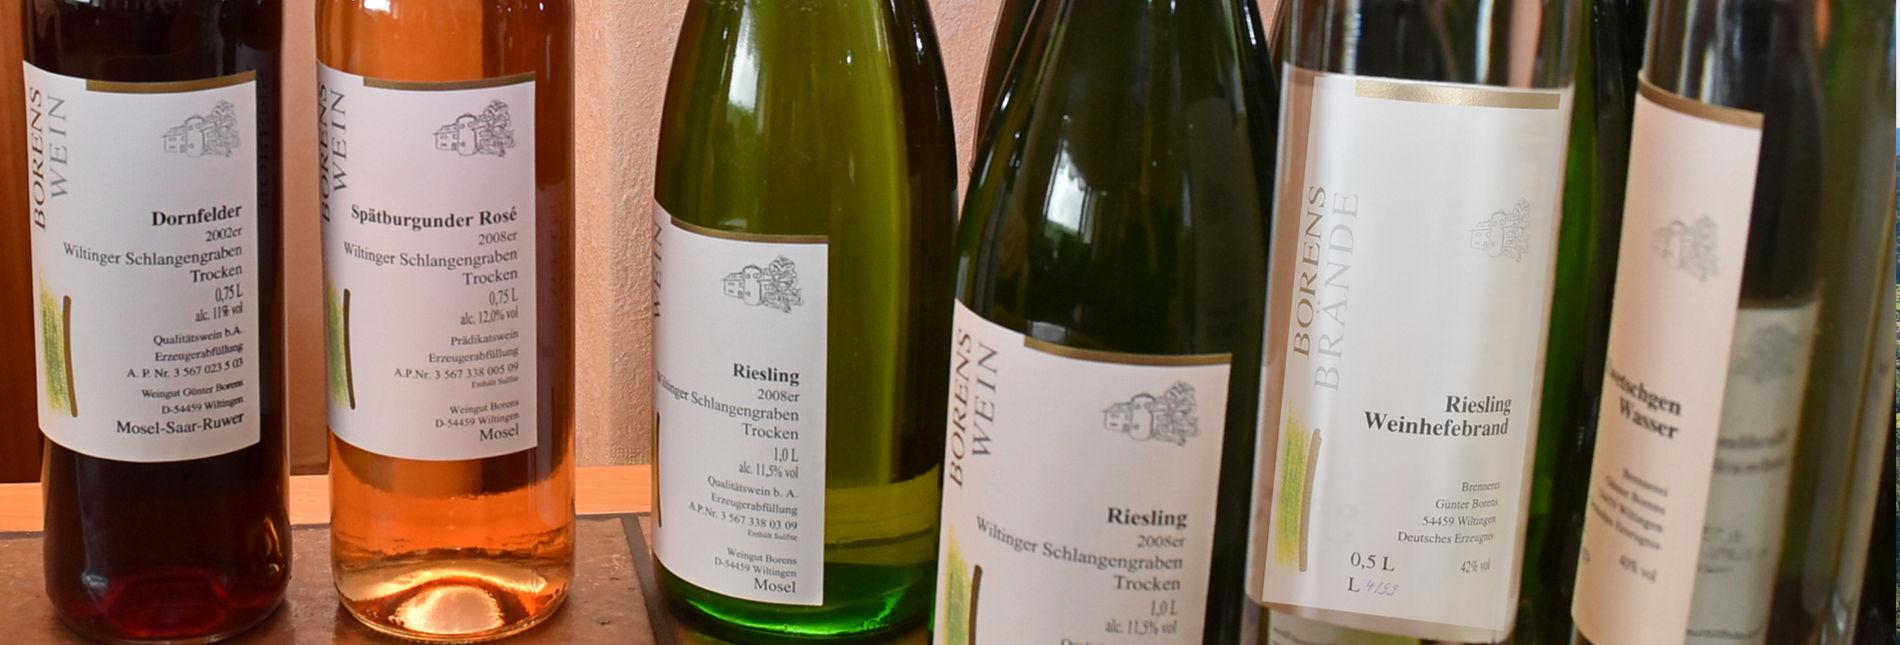 Wilthingen an der Saar - Weingut Borens - Saarwein, Riesling, Burgunder